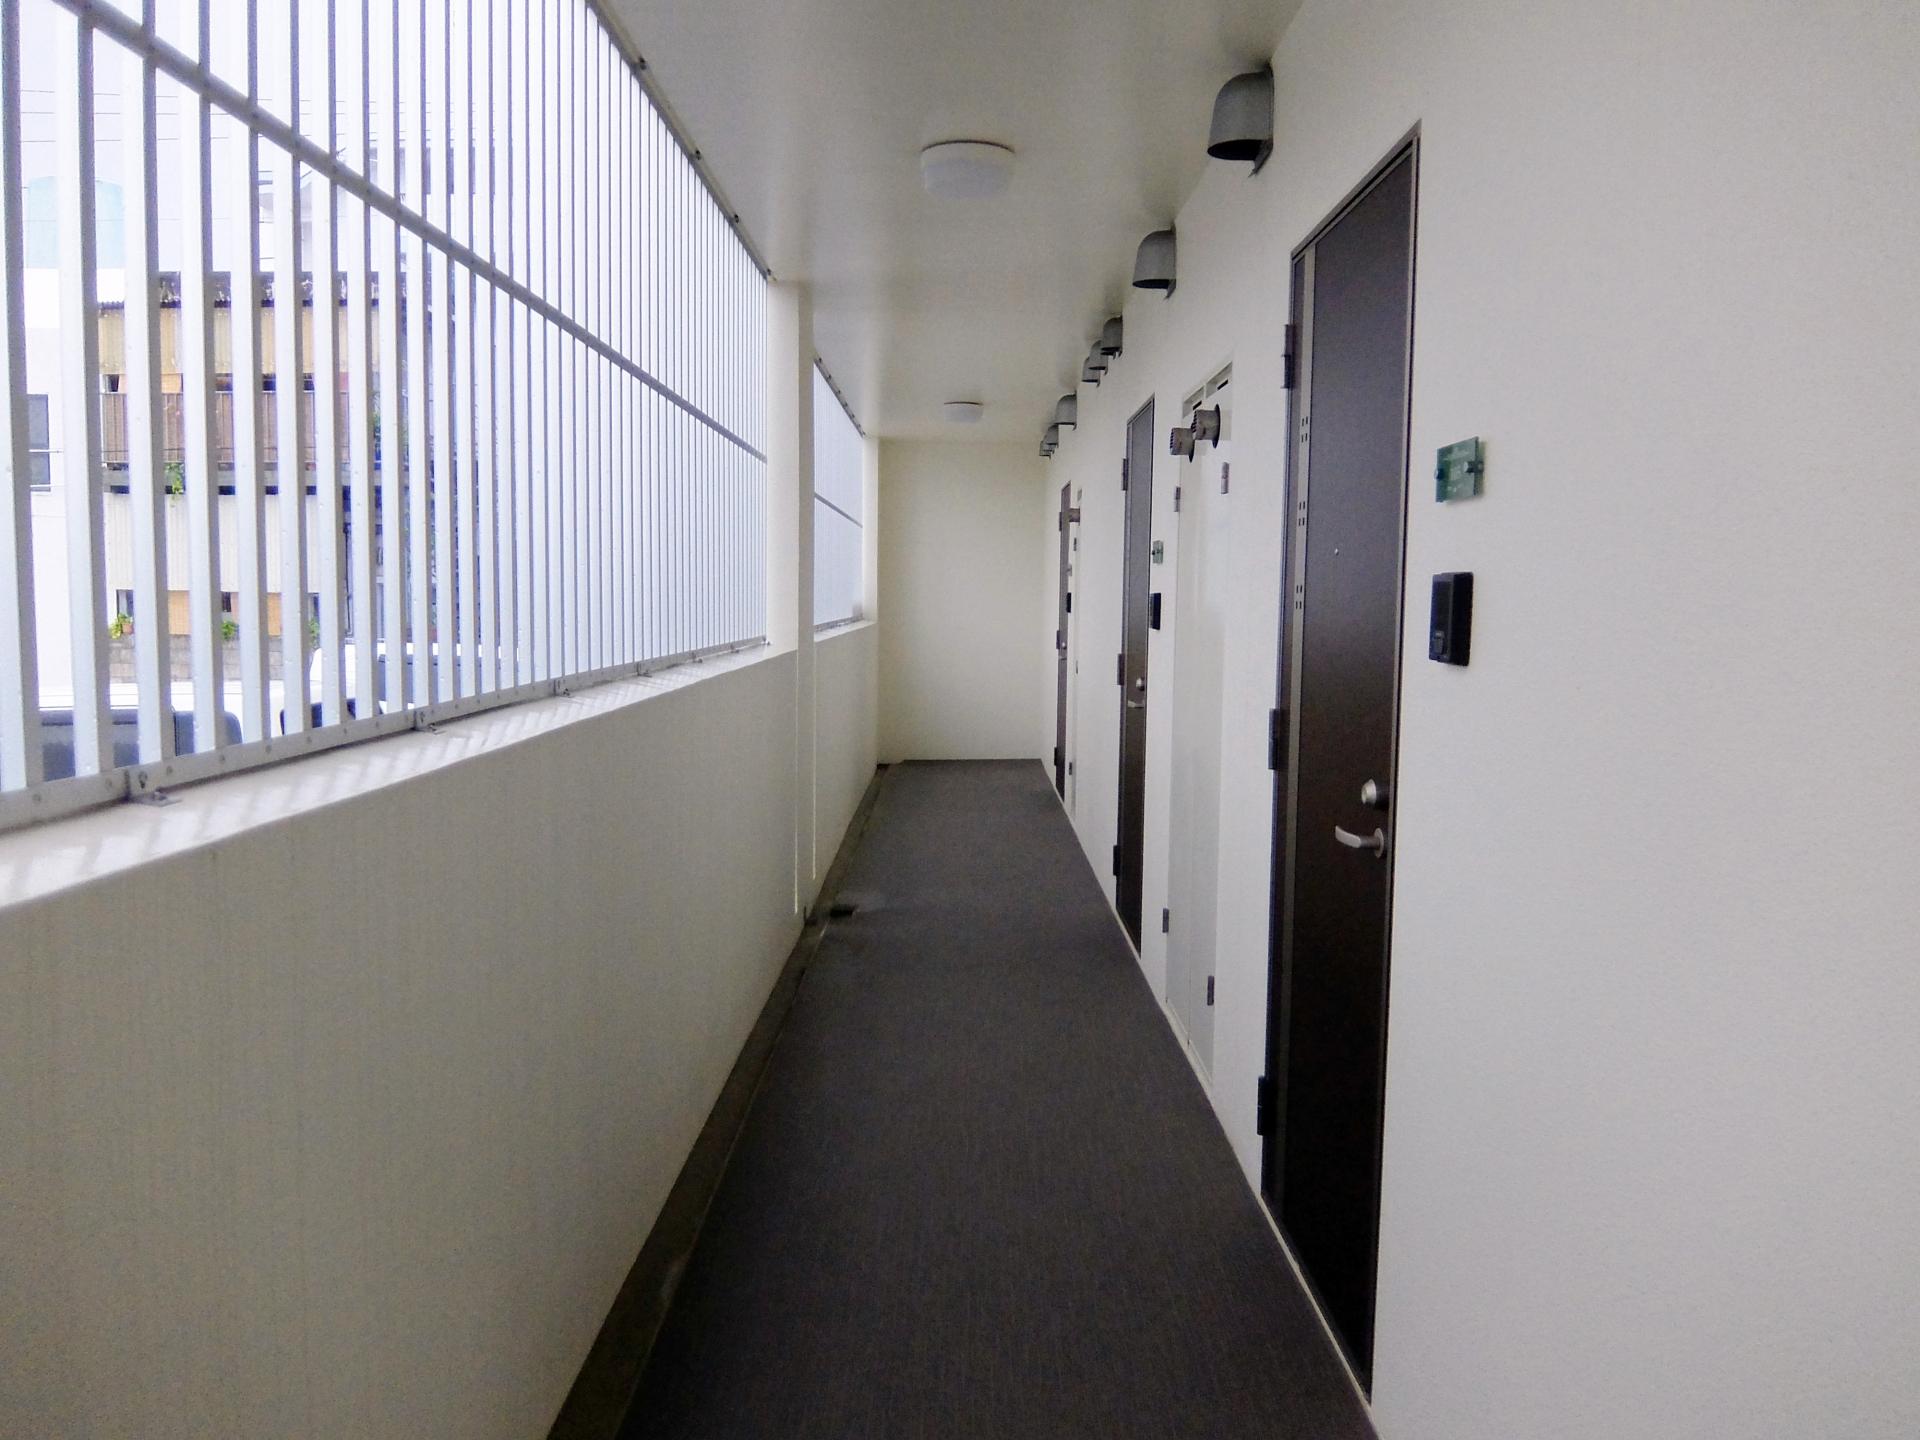 アパートの廊下に荷物を置くとどうなる?共有部分の使い方とは